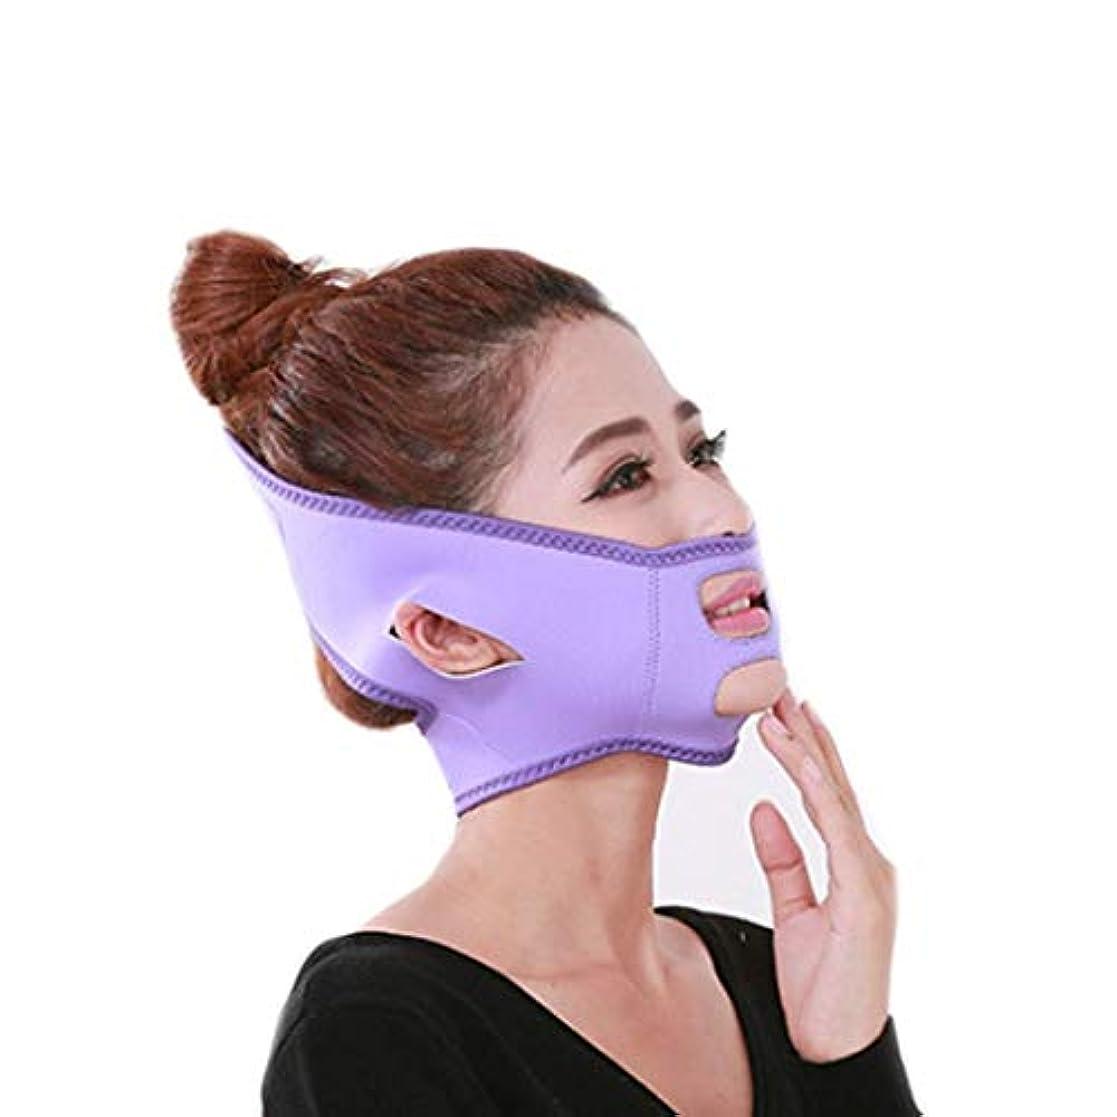 こするつぶやきレクリエーションフェイスリフトテープ&バンド、フェイススリミングマスク、ダブルチン、ダブルチンリデューサー、シワ防止マスク、リフティングシェイプ(フリーサイズ)(カラー:ピンク),紫の